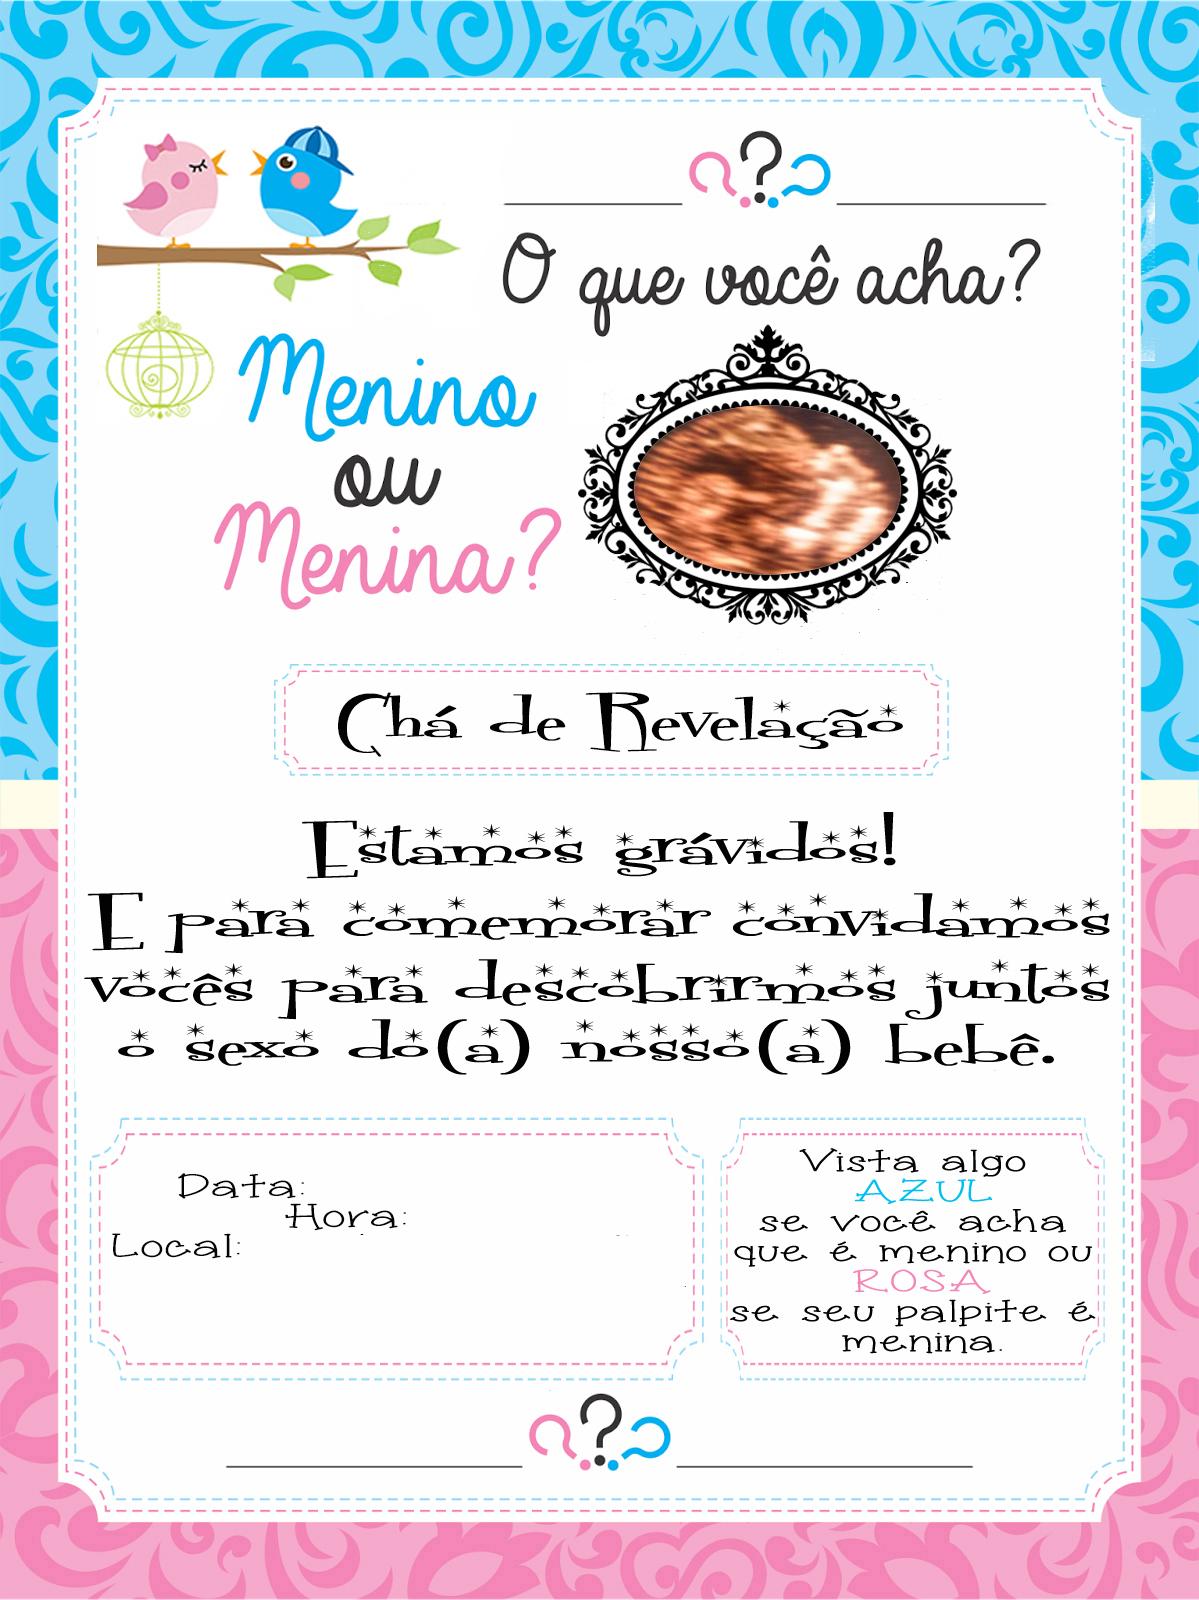 Convite Chá De Revelação Marília Juliane